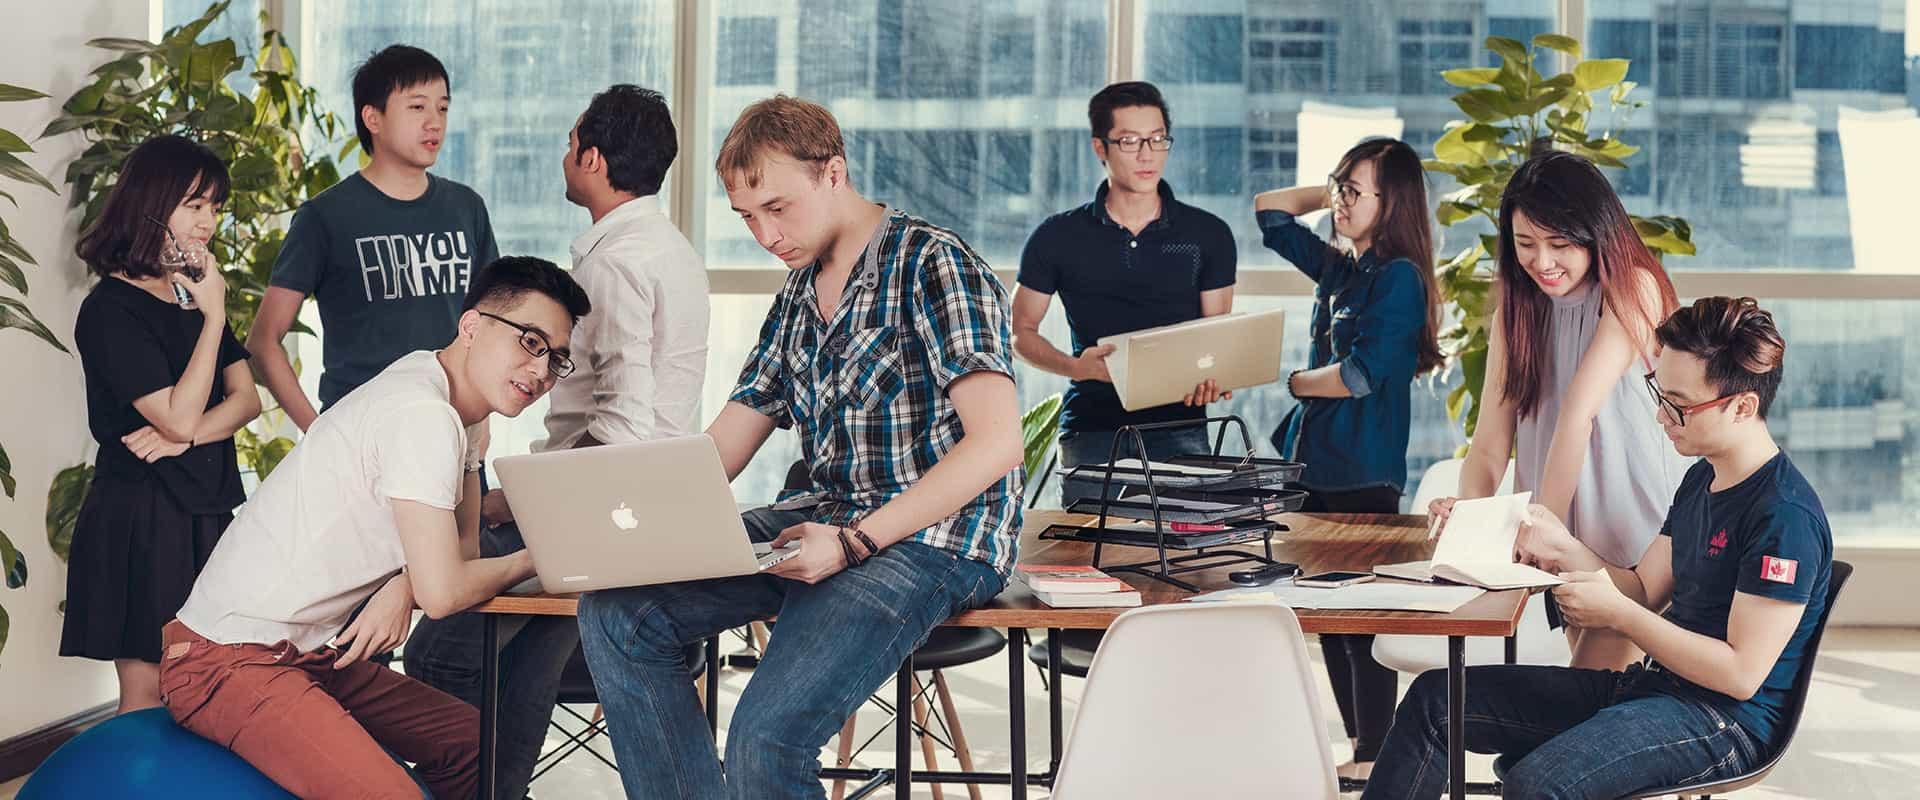 フランジア本拠地・ハノイ在籍社員の写真。既に10ヶ国以上の国籍の社員が在籍する多国籍企業となっている